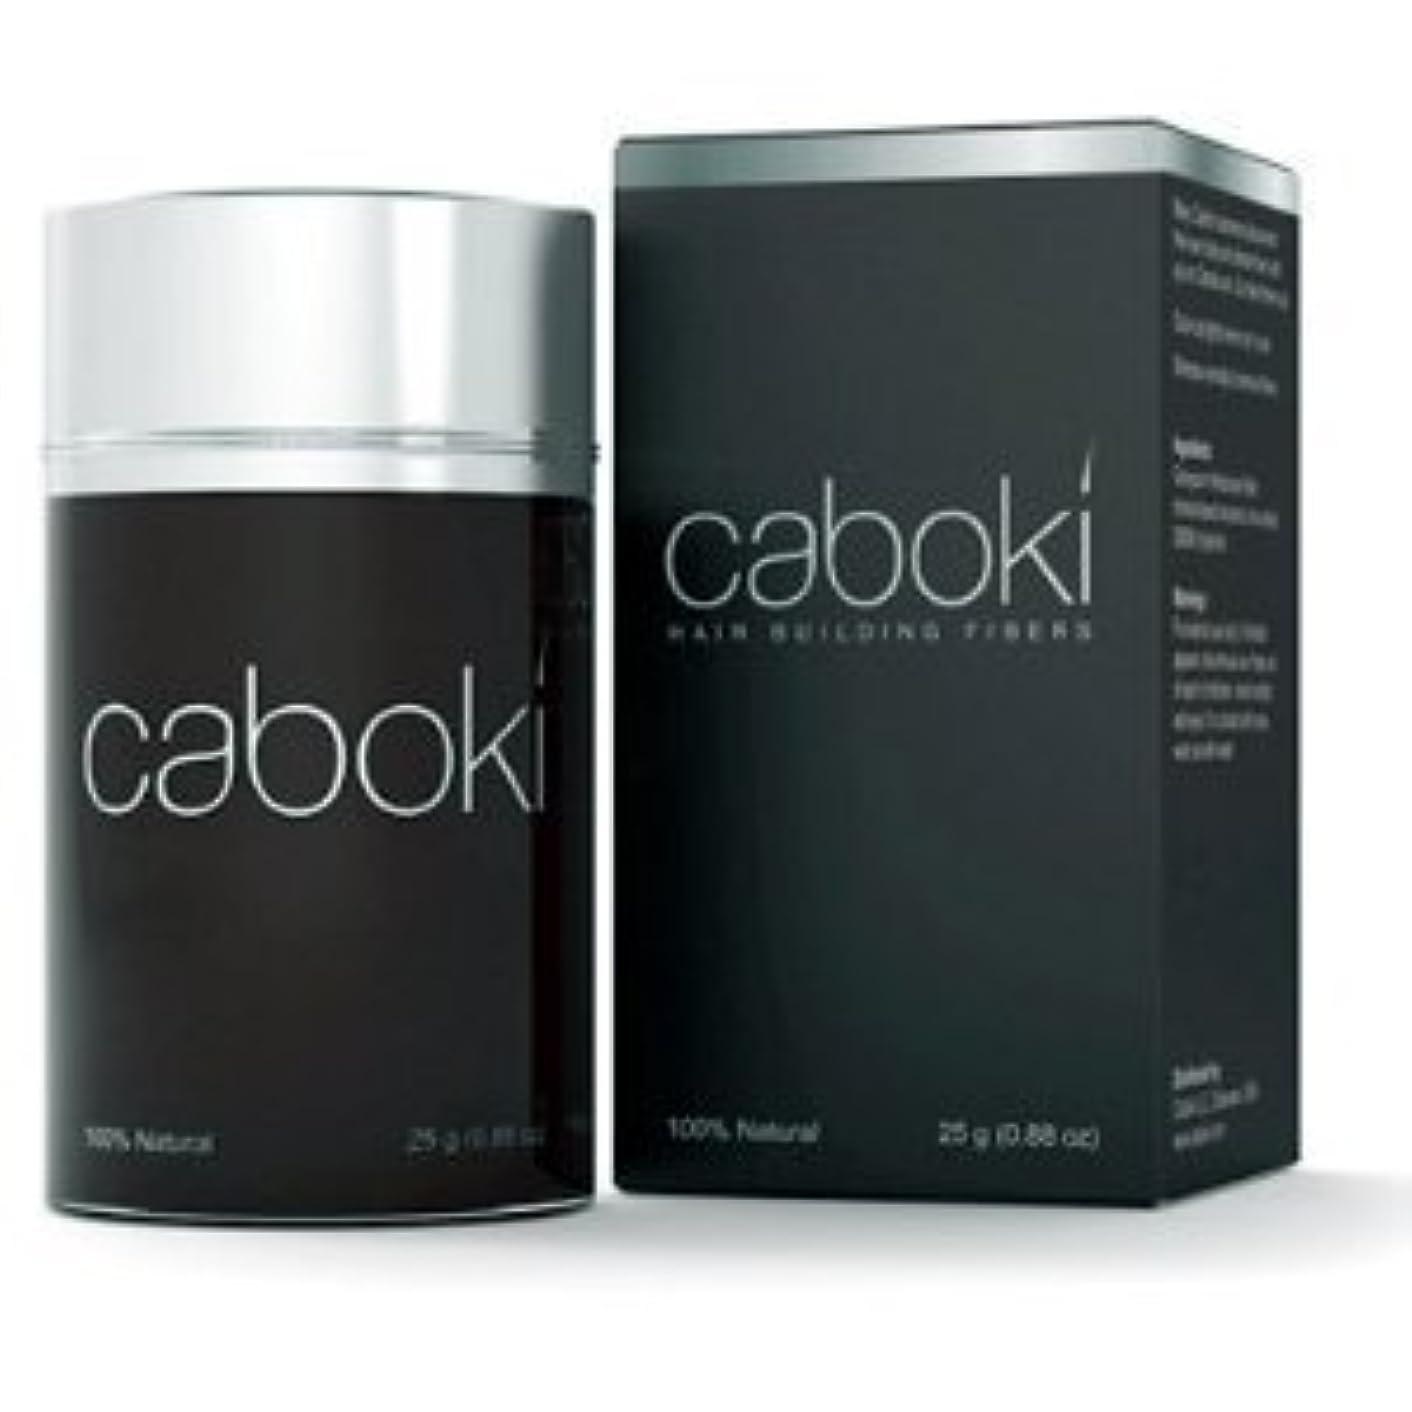 ほとんどの場合温かい古くなったCaboki カボキコンシーラー 約50日分 25g (ブロンド Blonde) [並行輸入品]